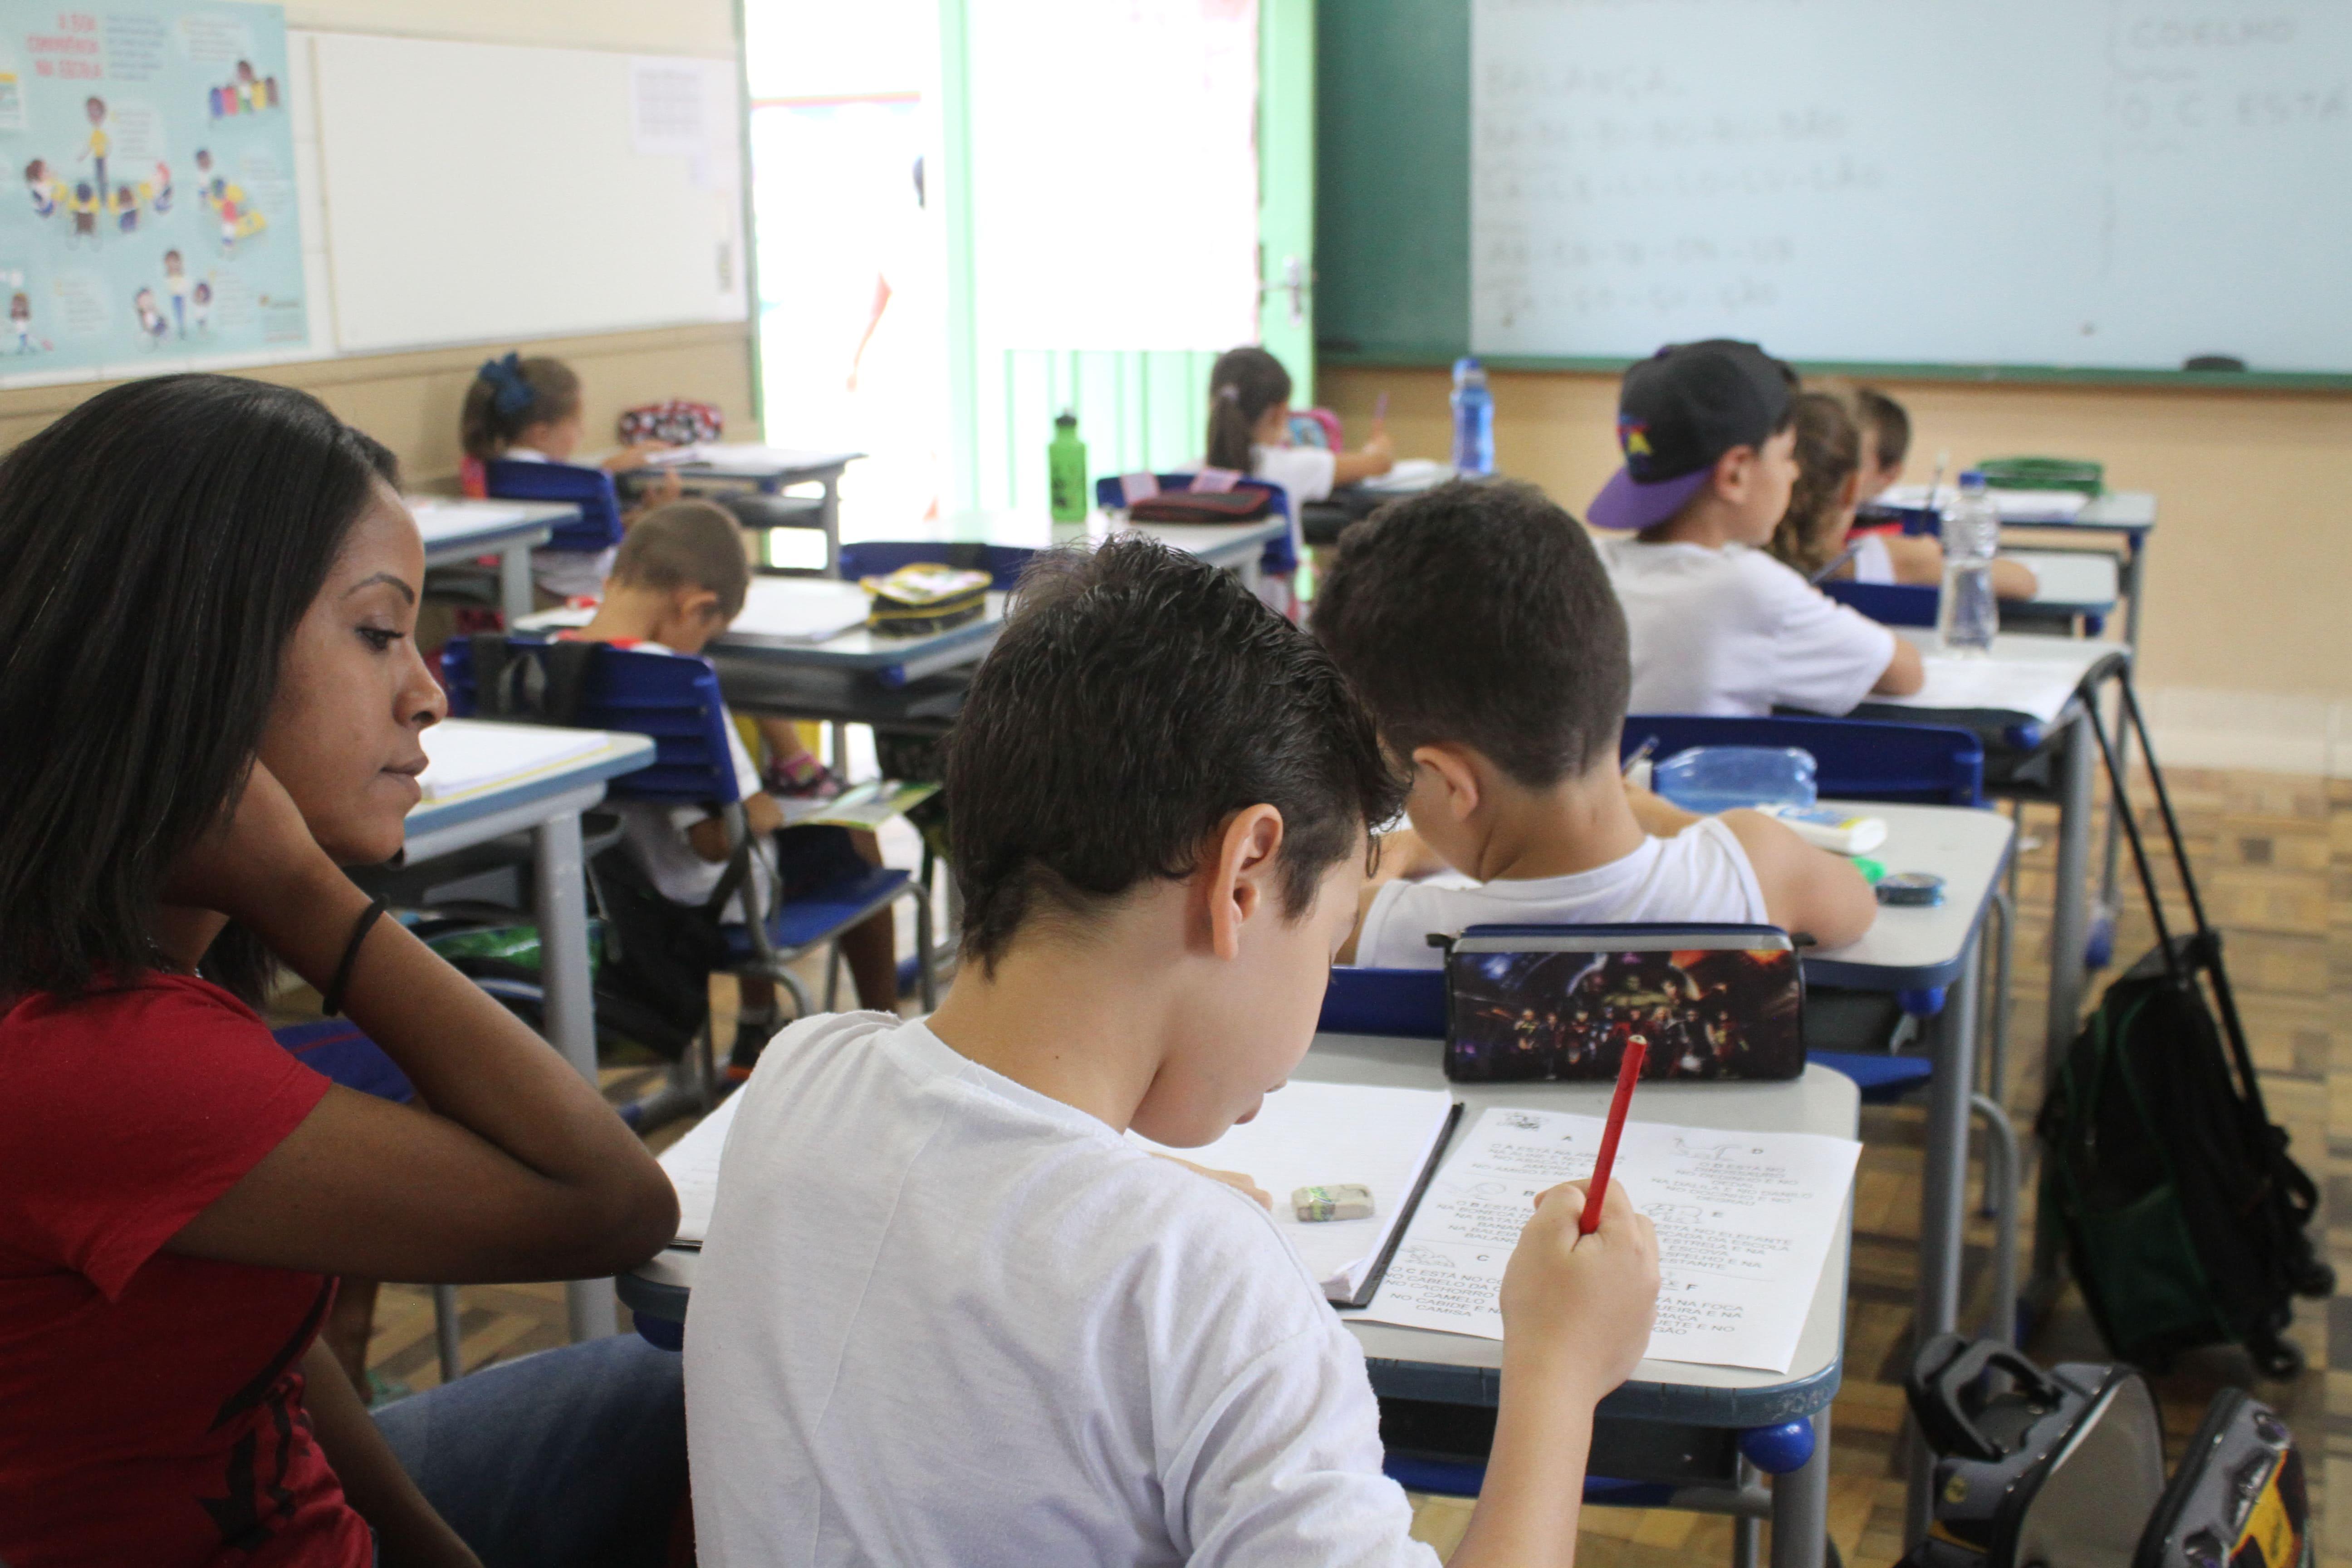 Prefeitura Municipal de Criciúma - Administração Municipal promove XVI Seminário de Educação